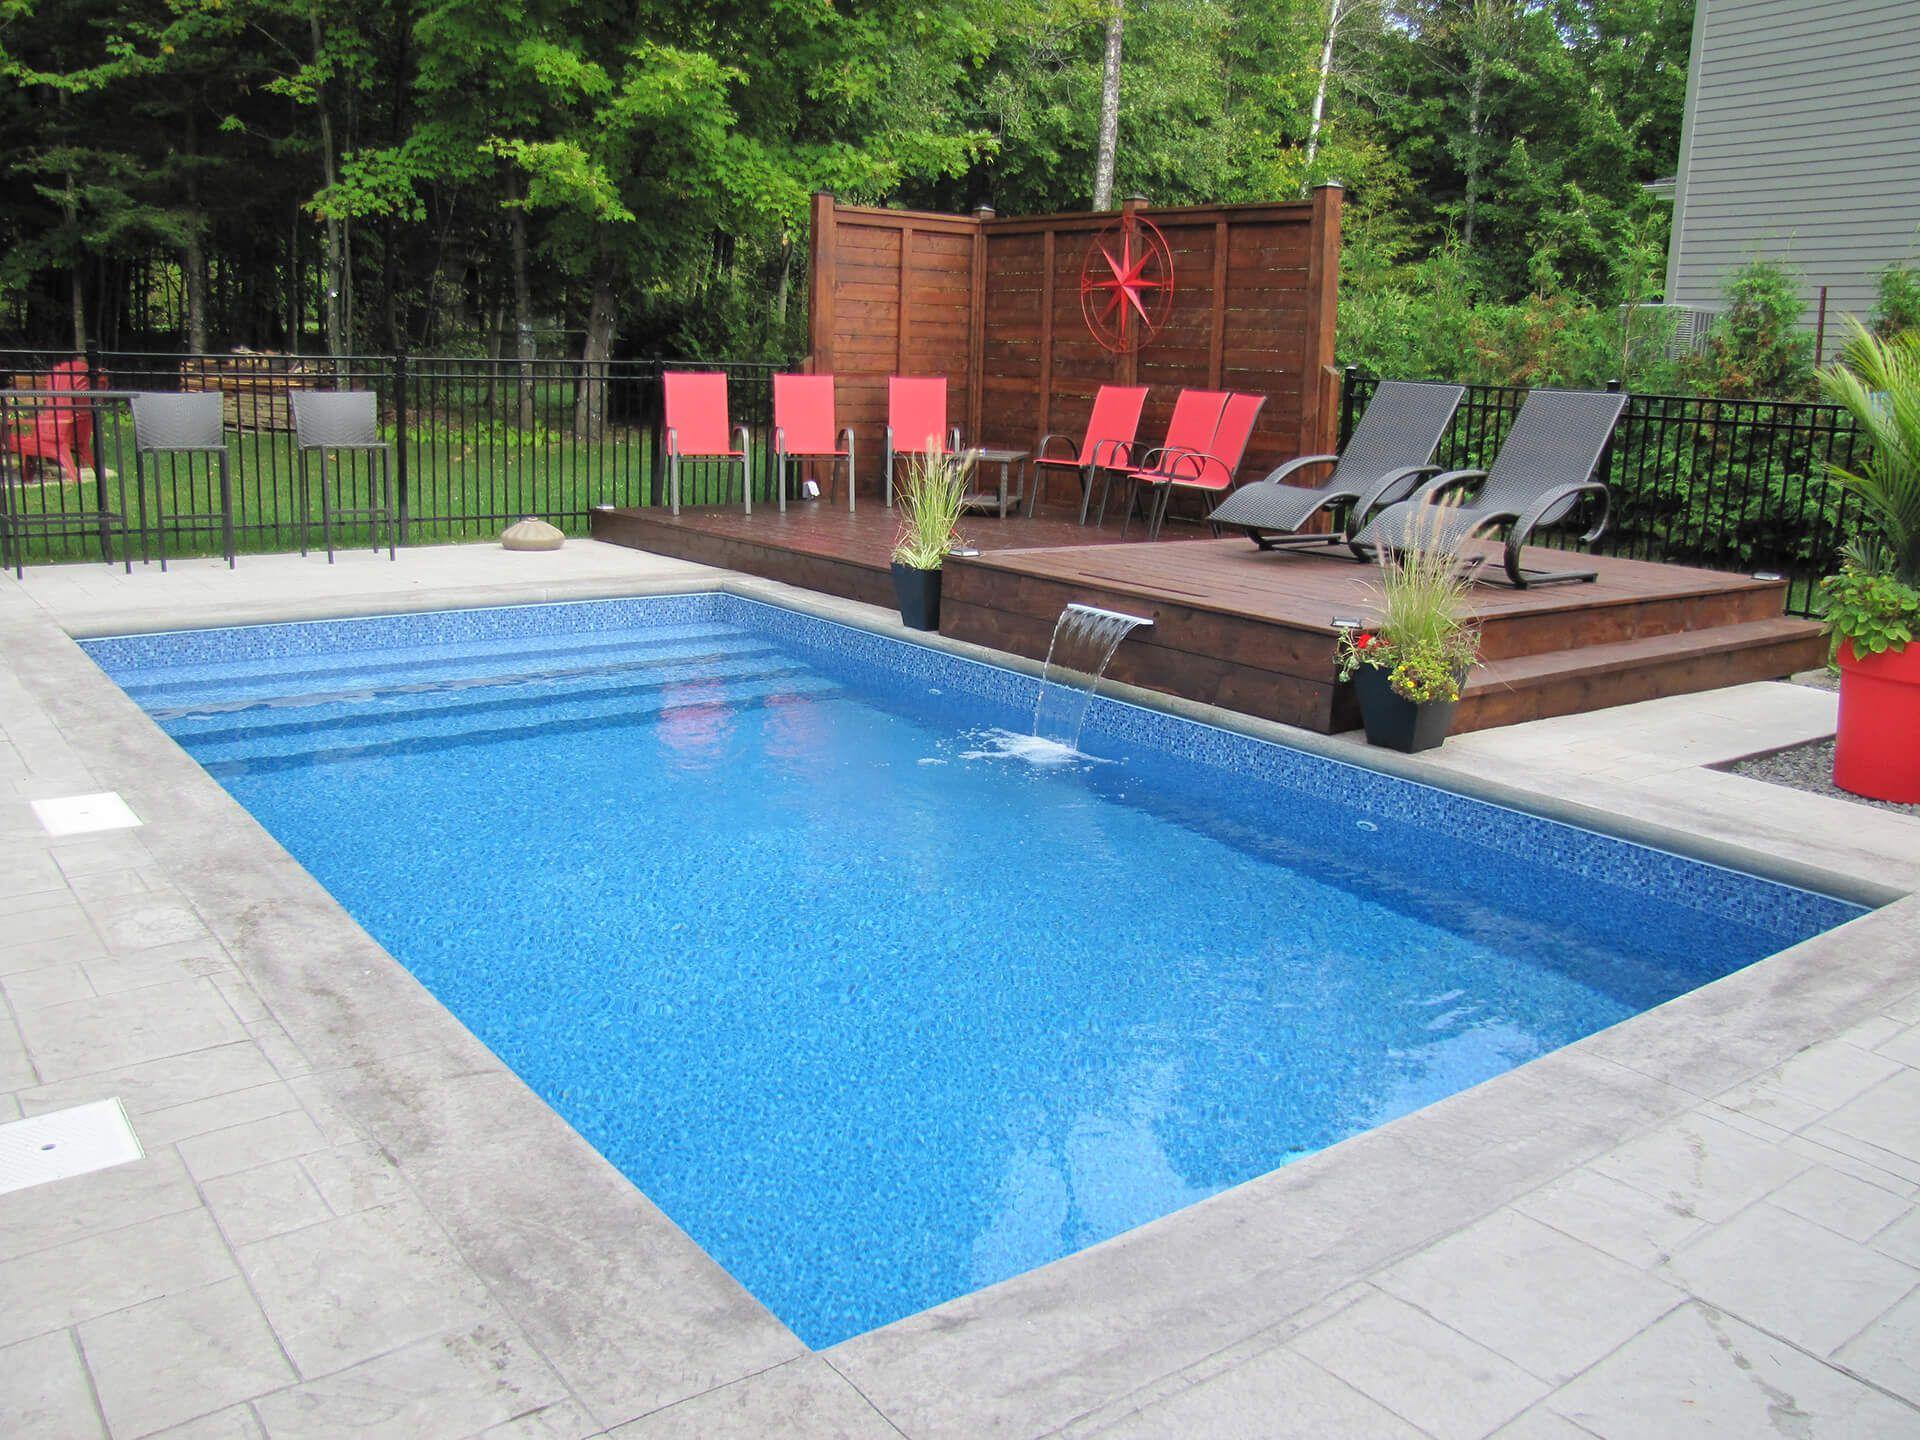 Piscines Es & Spas piscines val-morin signature   piscines creusées & spas